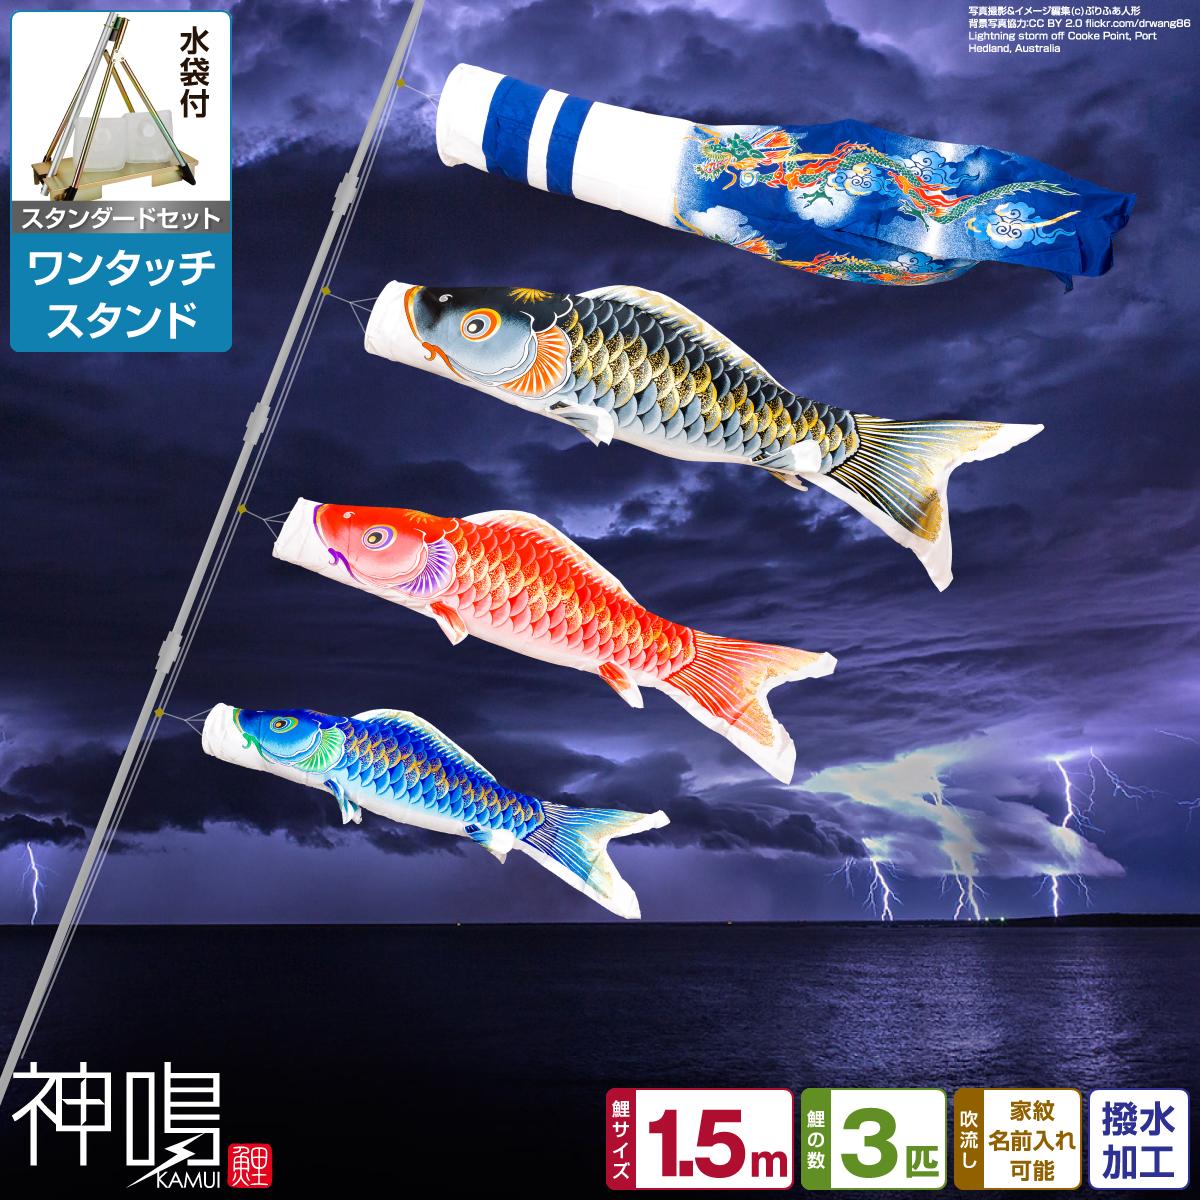 ベランダ用 鯉のぼり 神鳴鯉-KAMUI- 1.5m 6点(吹流し+鯉3匹+矢車+ロープ)/スタンダードセット(ワンタッチスタンド)